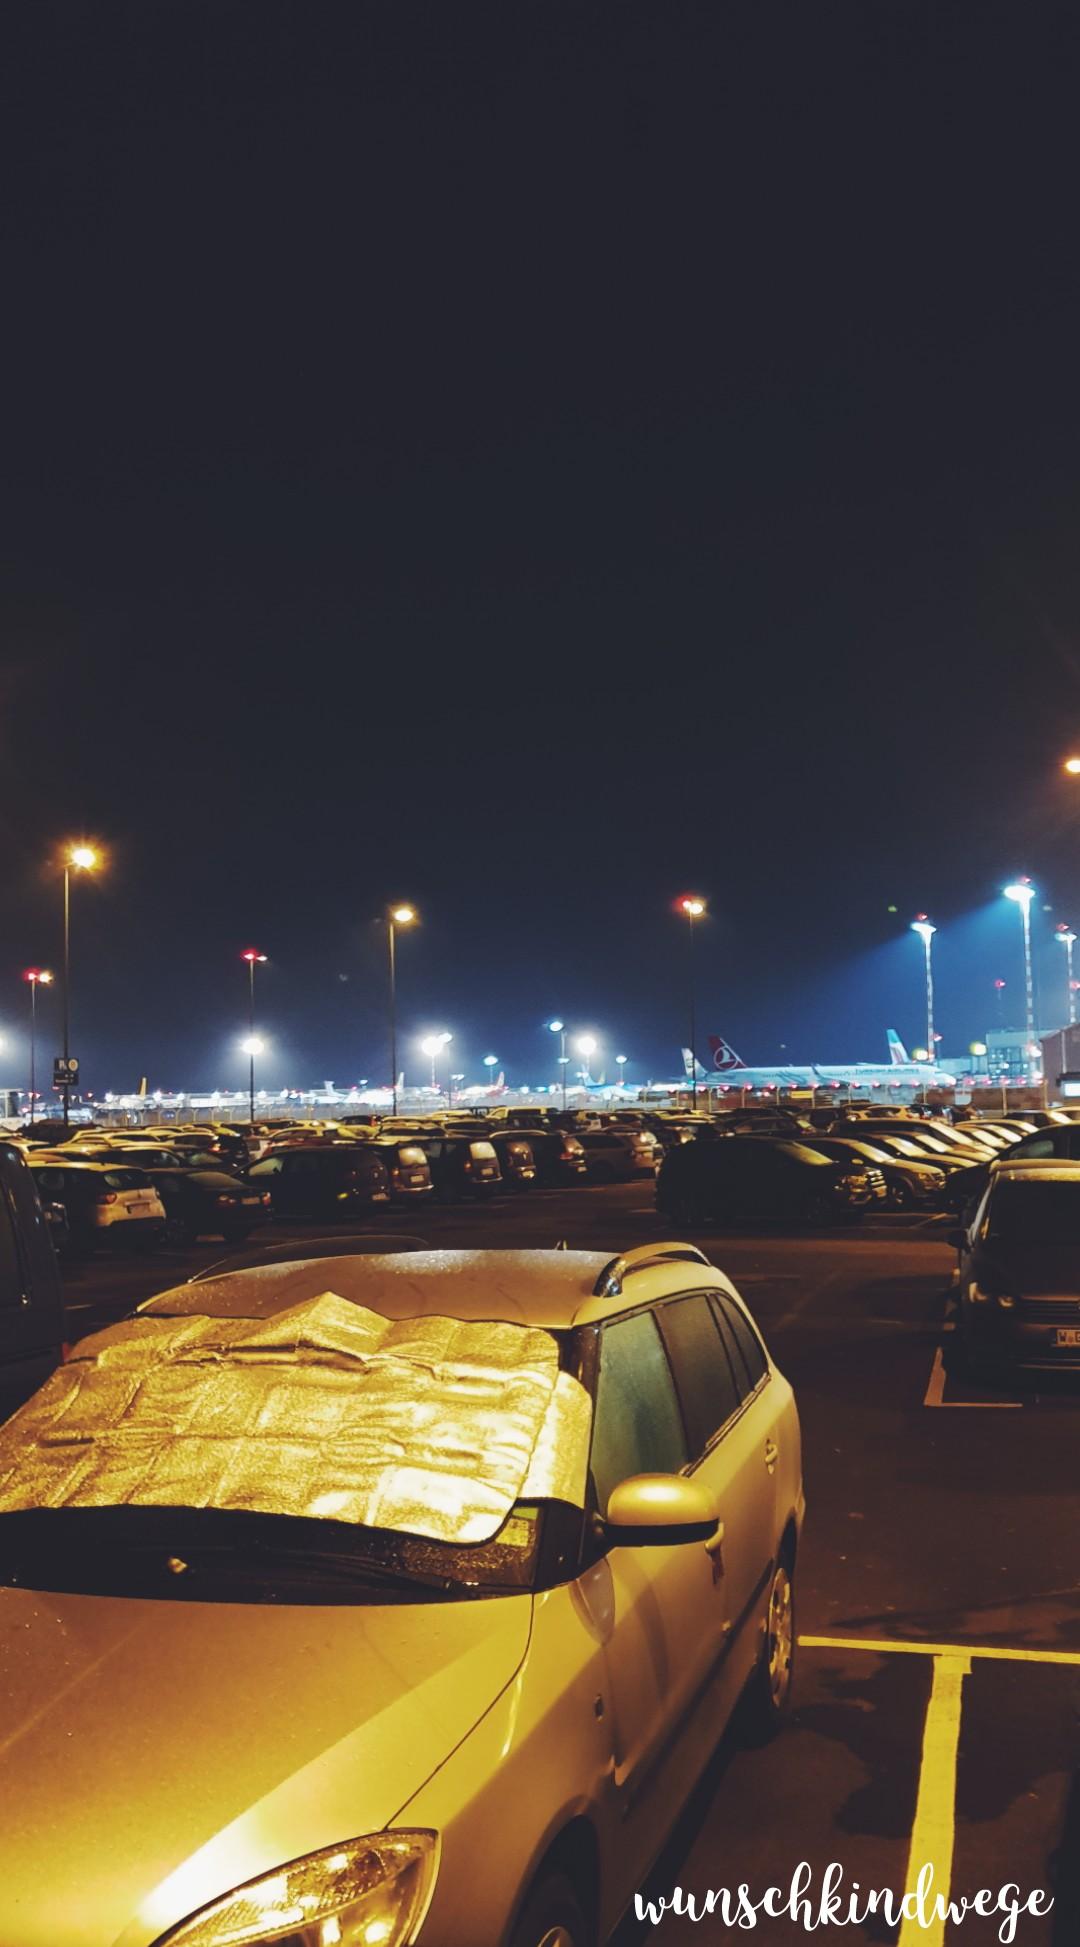 WMDEDGT - Flughafen